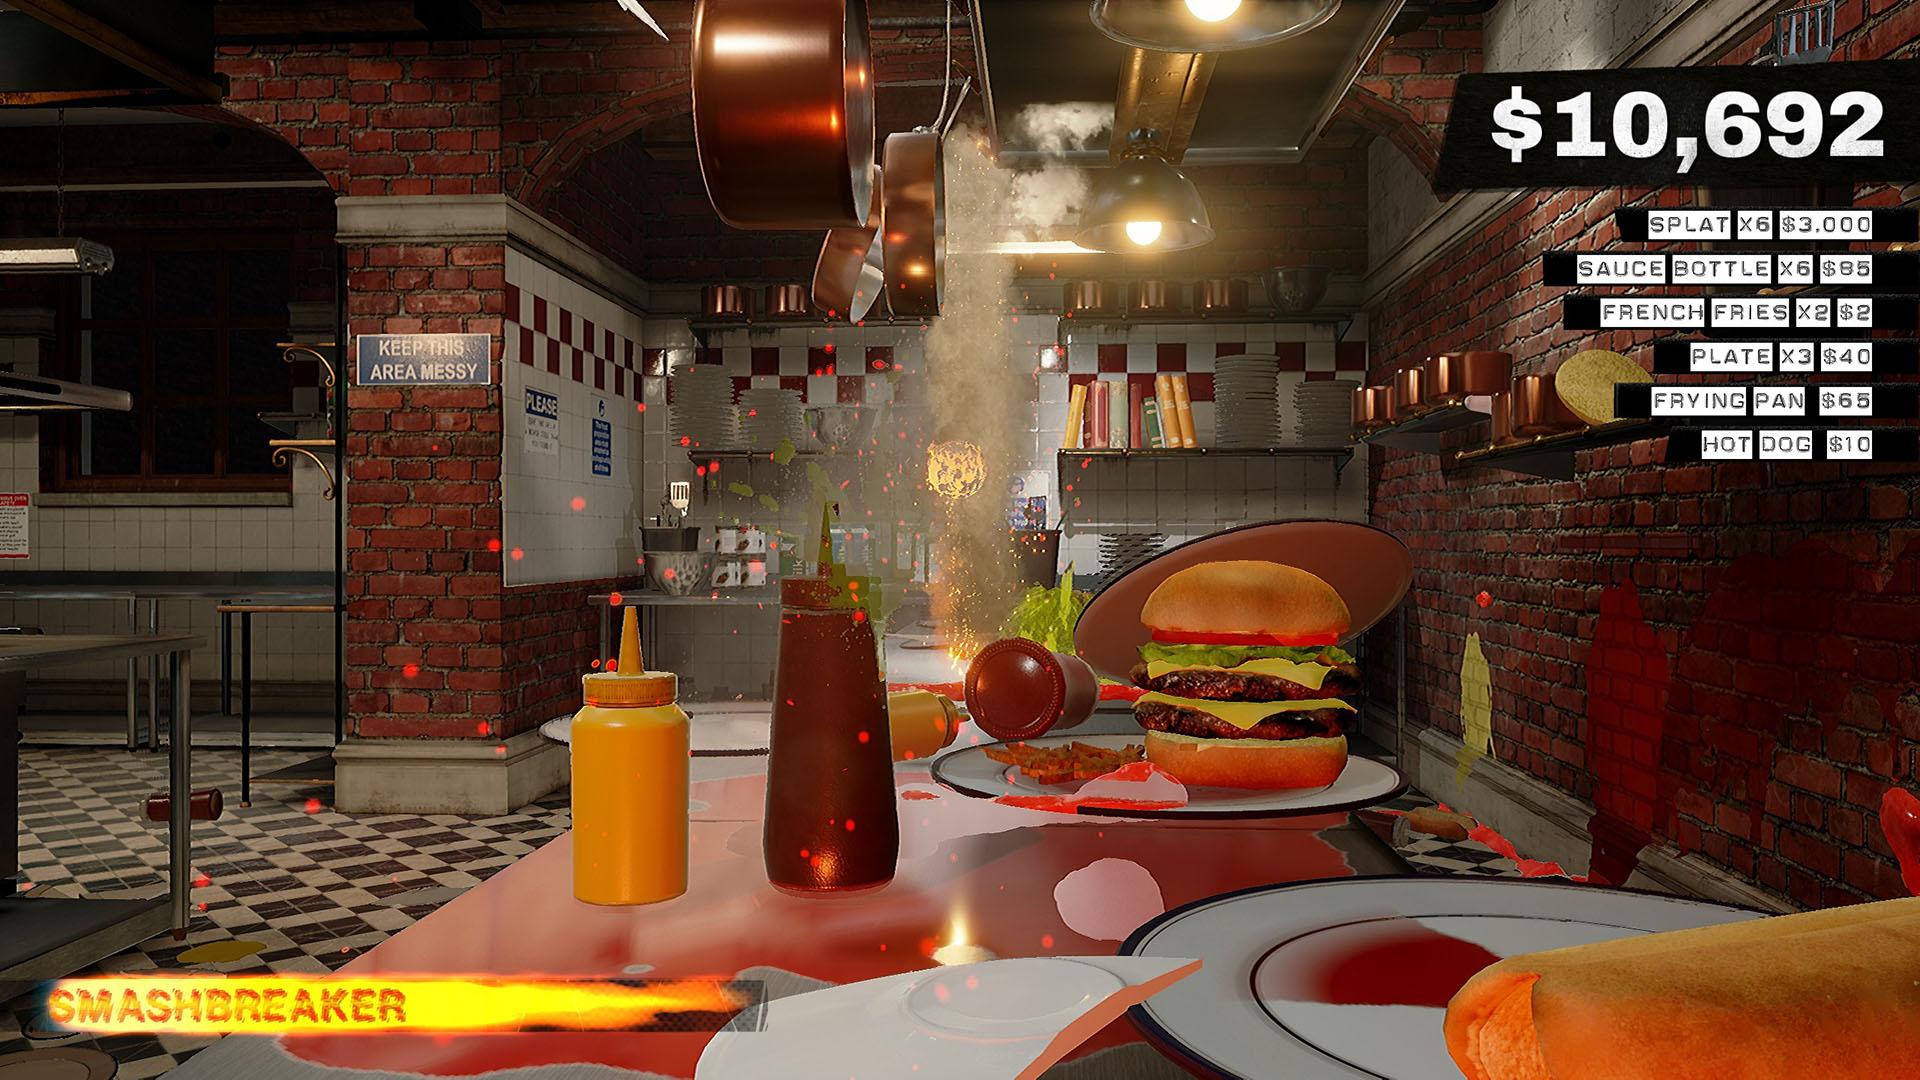 com.steam.405500-screenshot